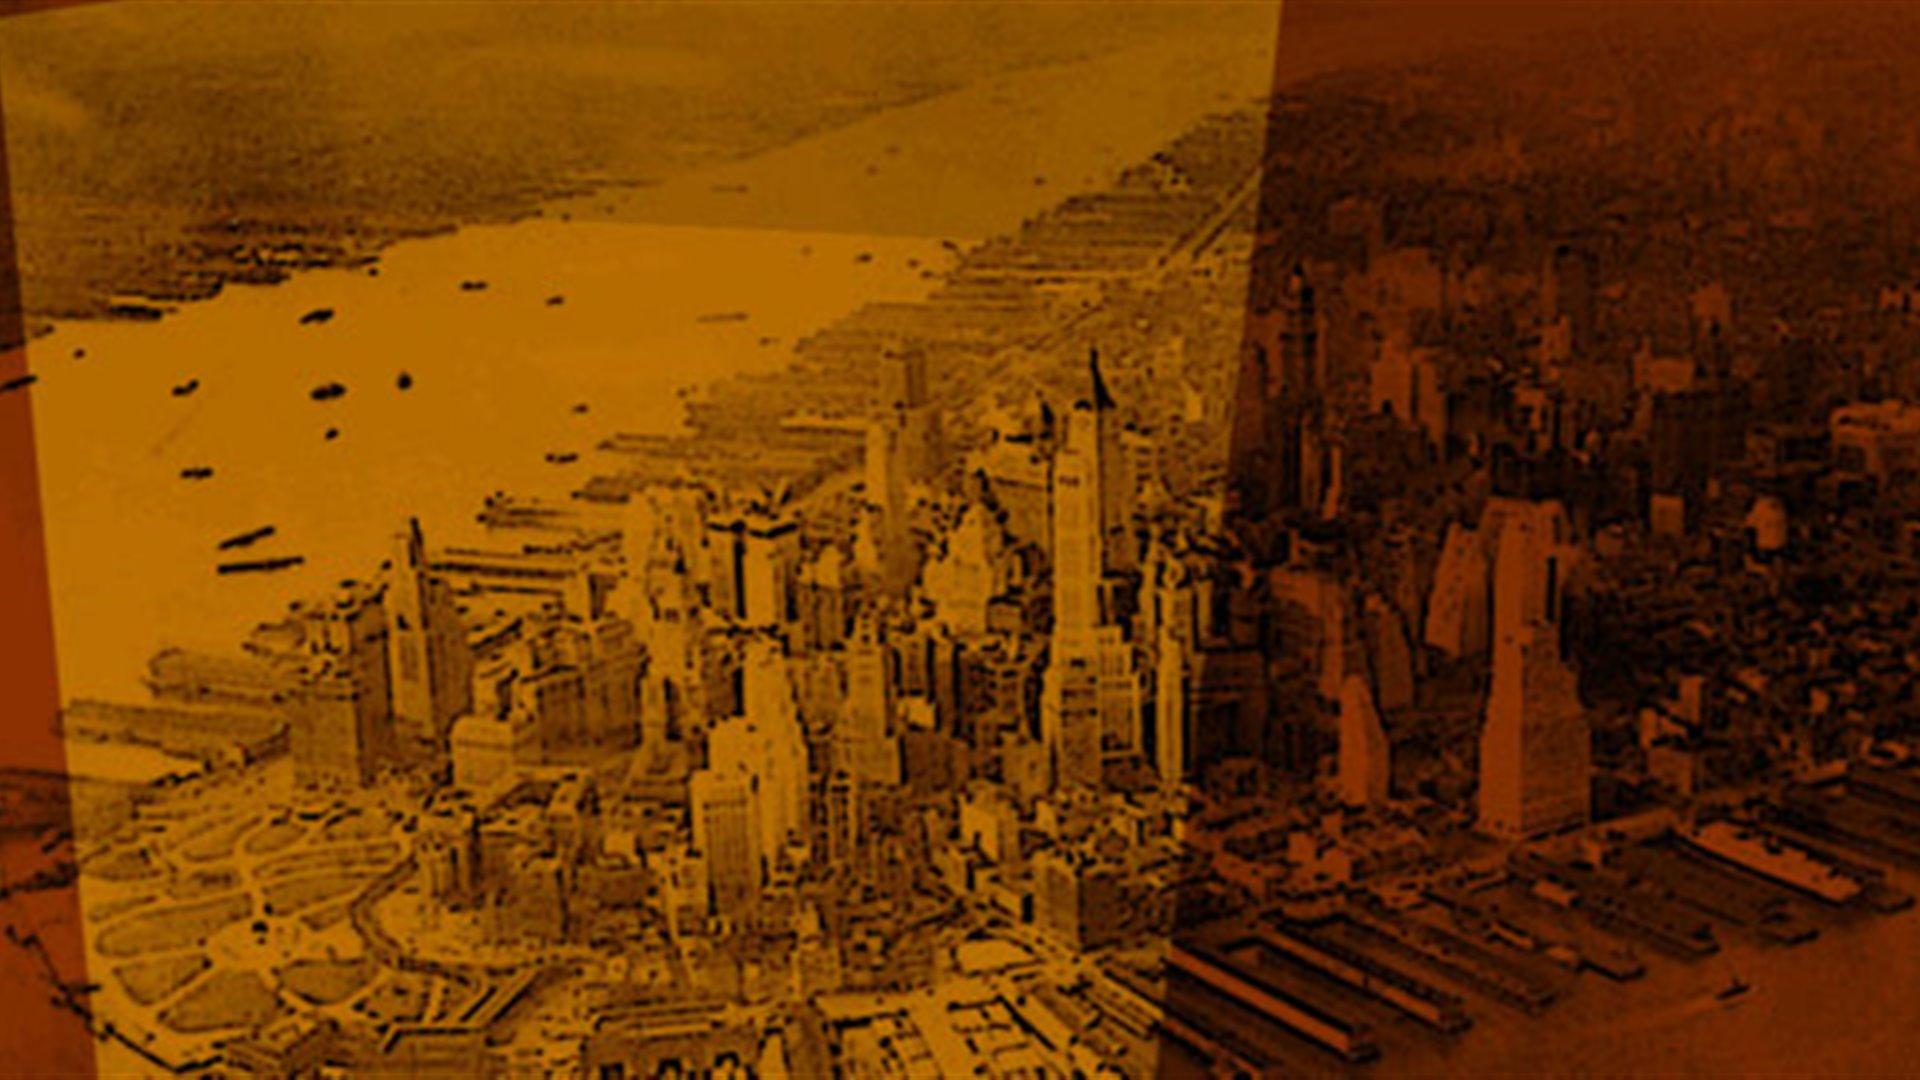 Nueva York 1945. La música clásica y el jazz